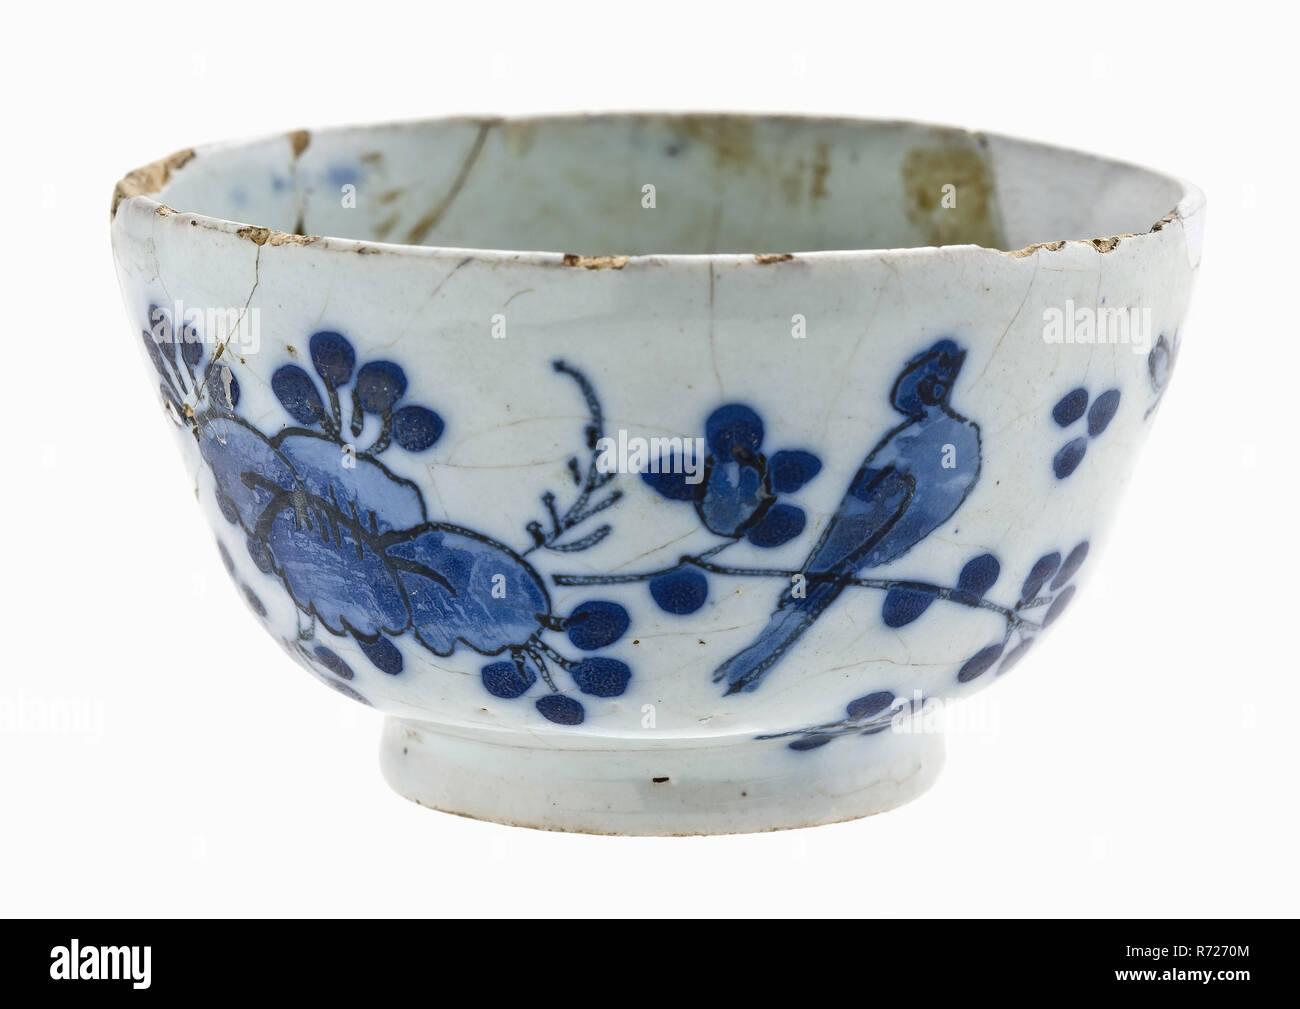 Fayence Tee Schale Schussel Mit Blauem Dekor Im Orientalischen Stil Mit Blume Sprays Vogel Und Schmetterlinge